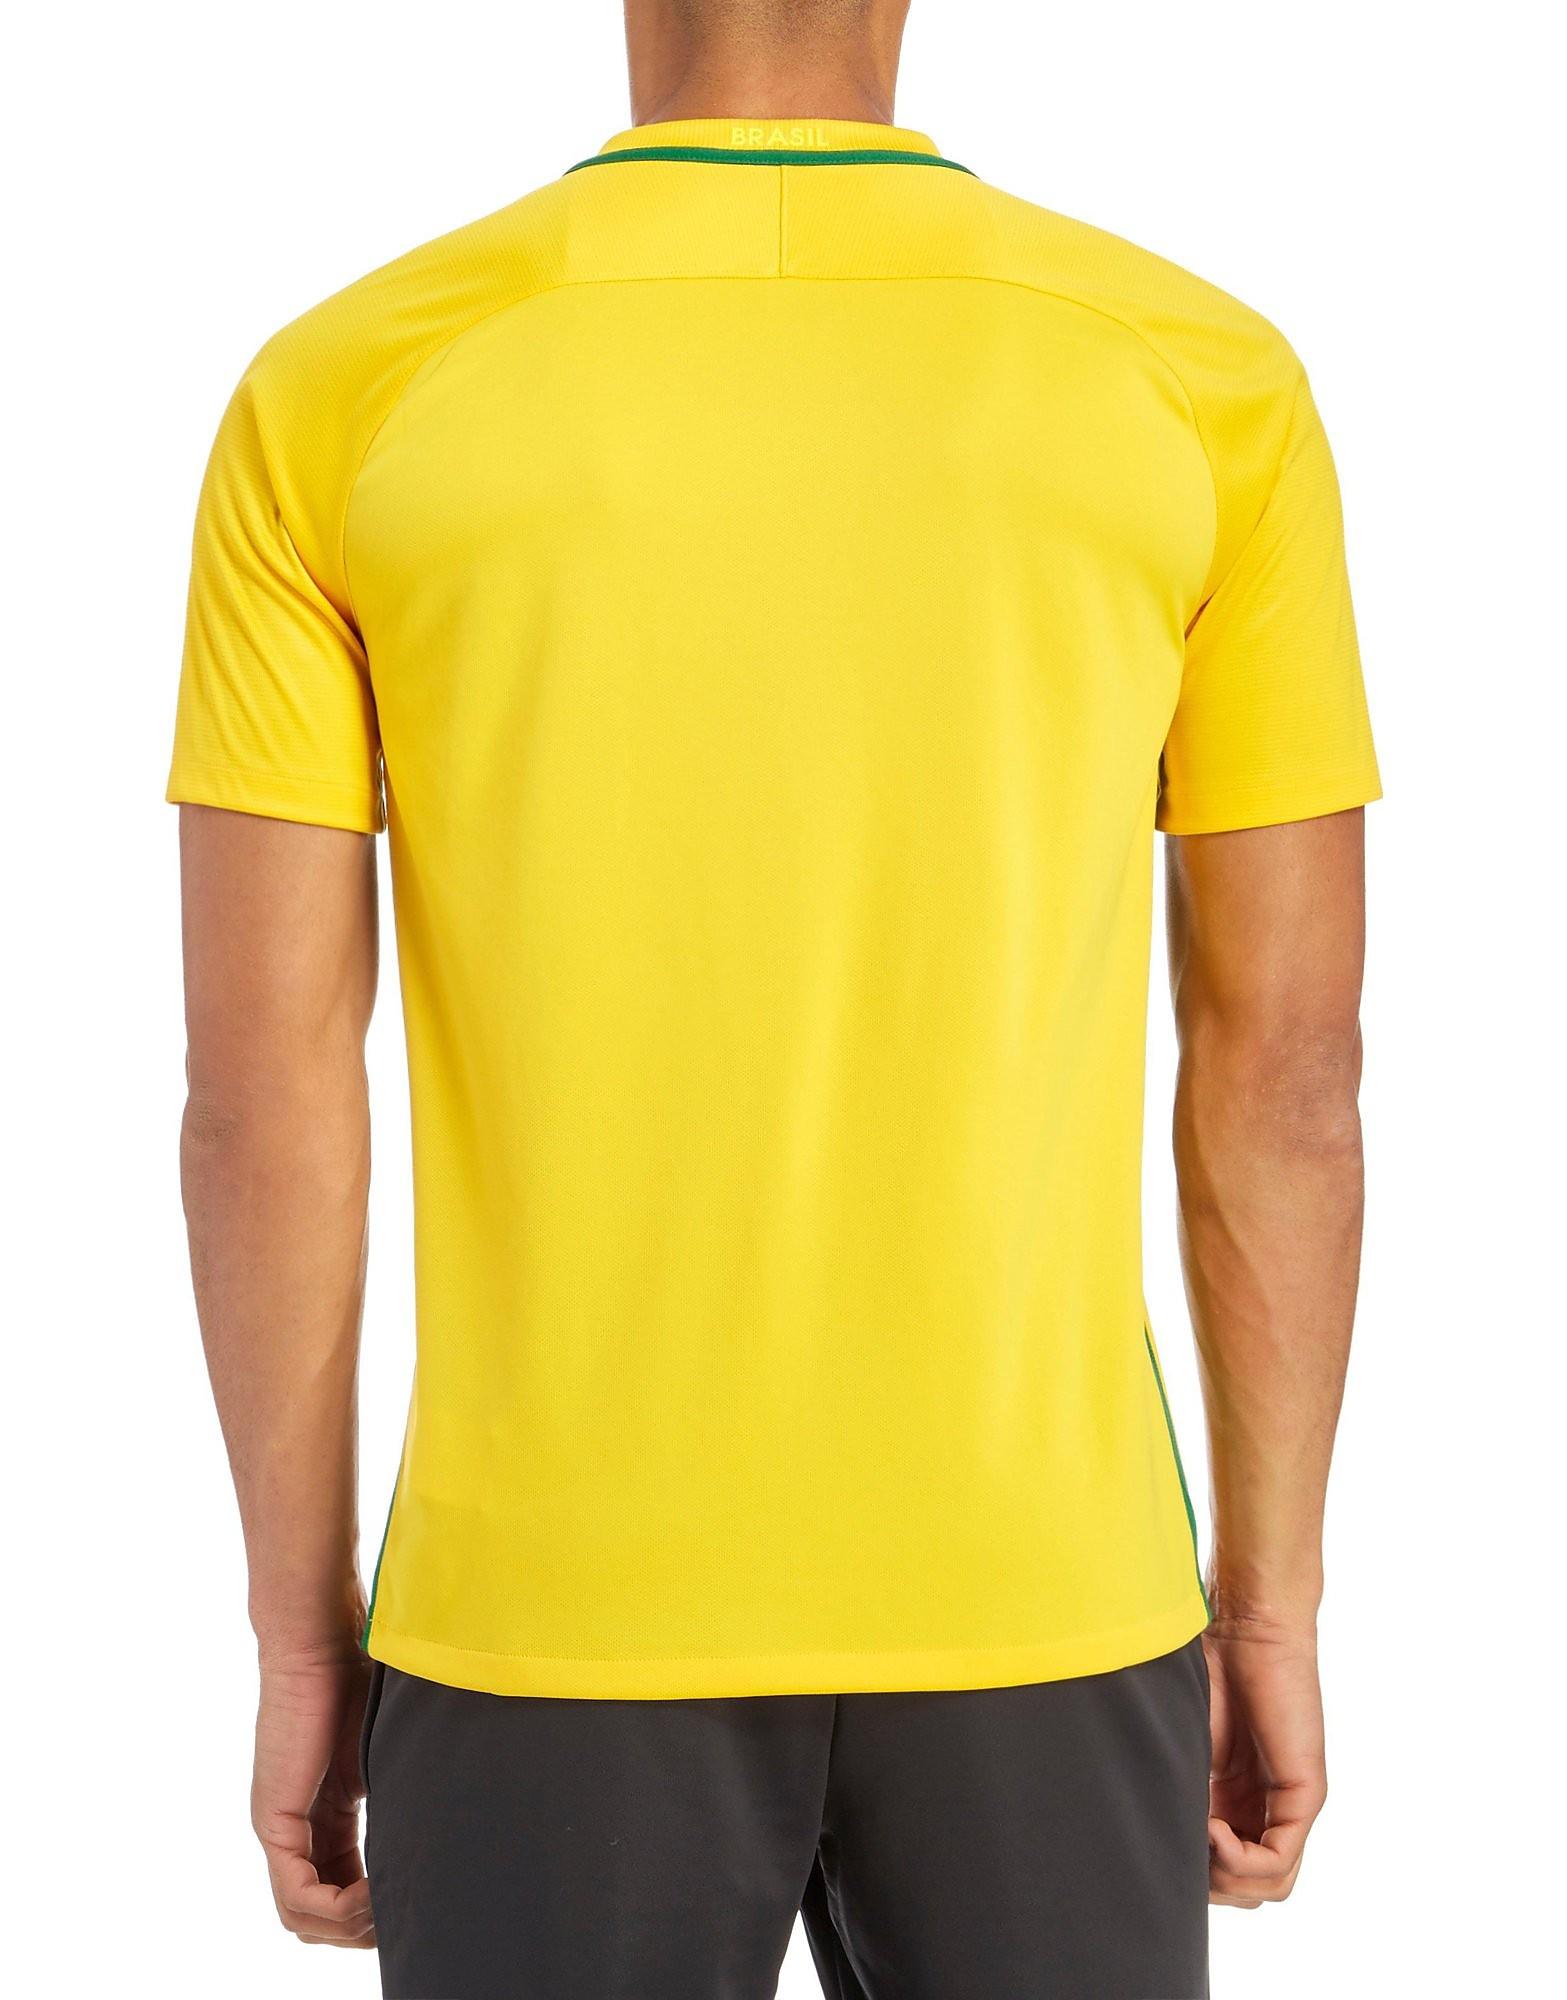 Nike Brazil 2016 Home Shirt